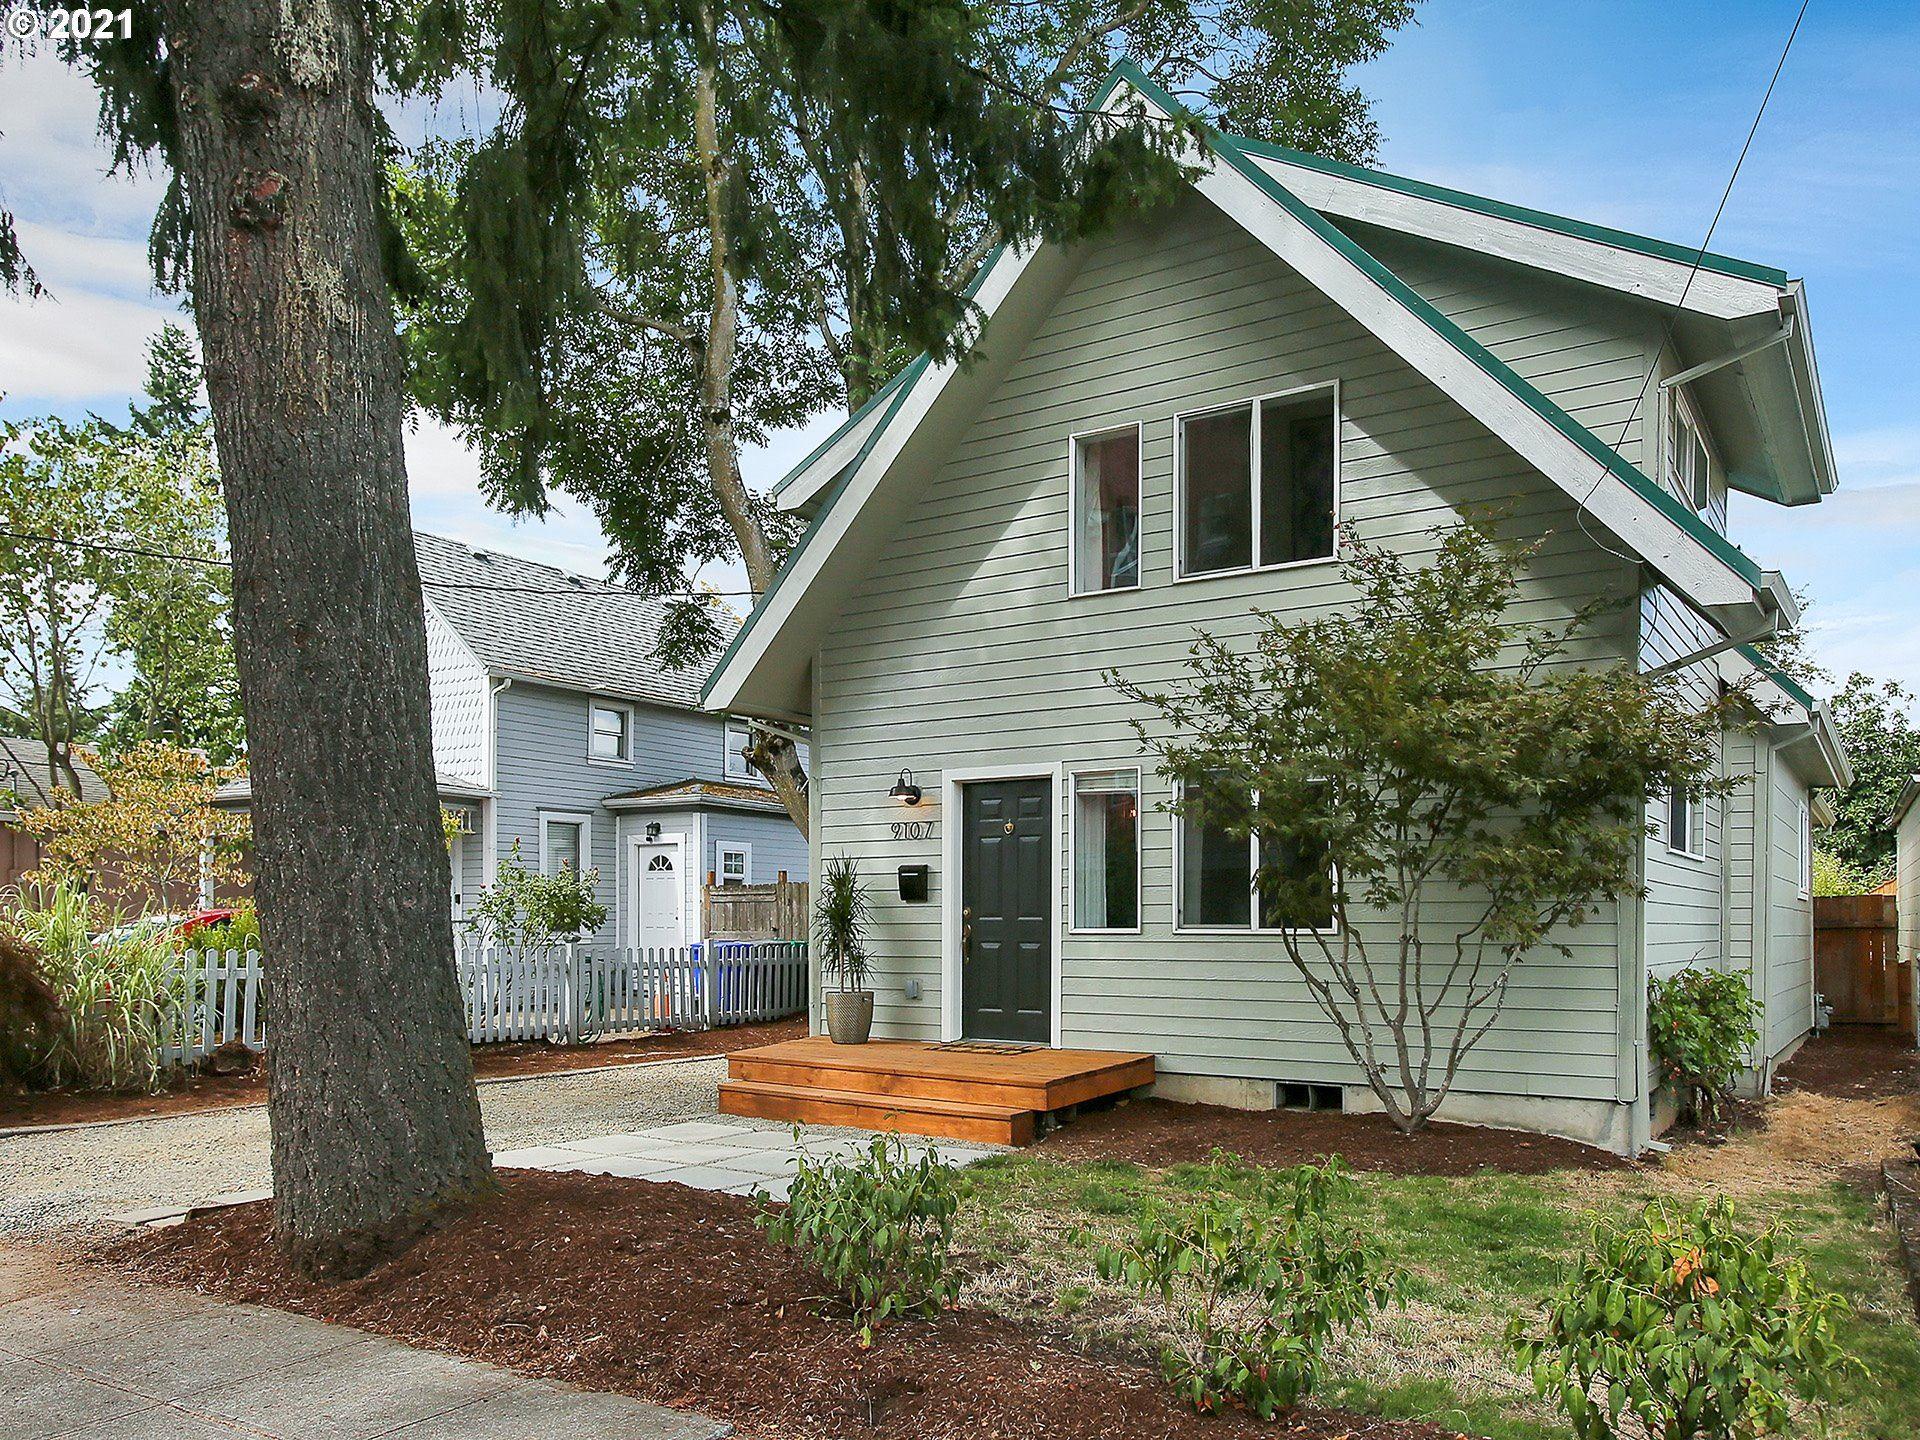 9107 SE REEDWAY ST, Portland, OR 97266 - MLS#: 21370669